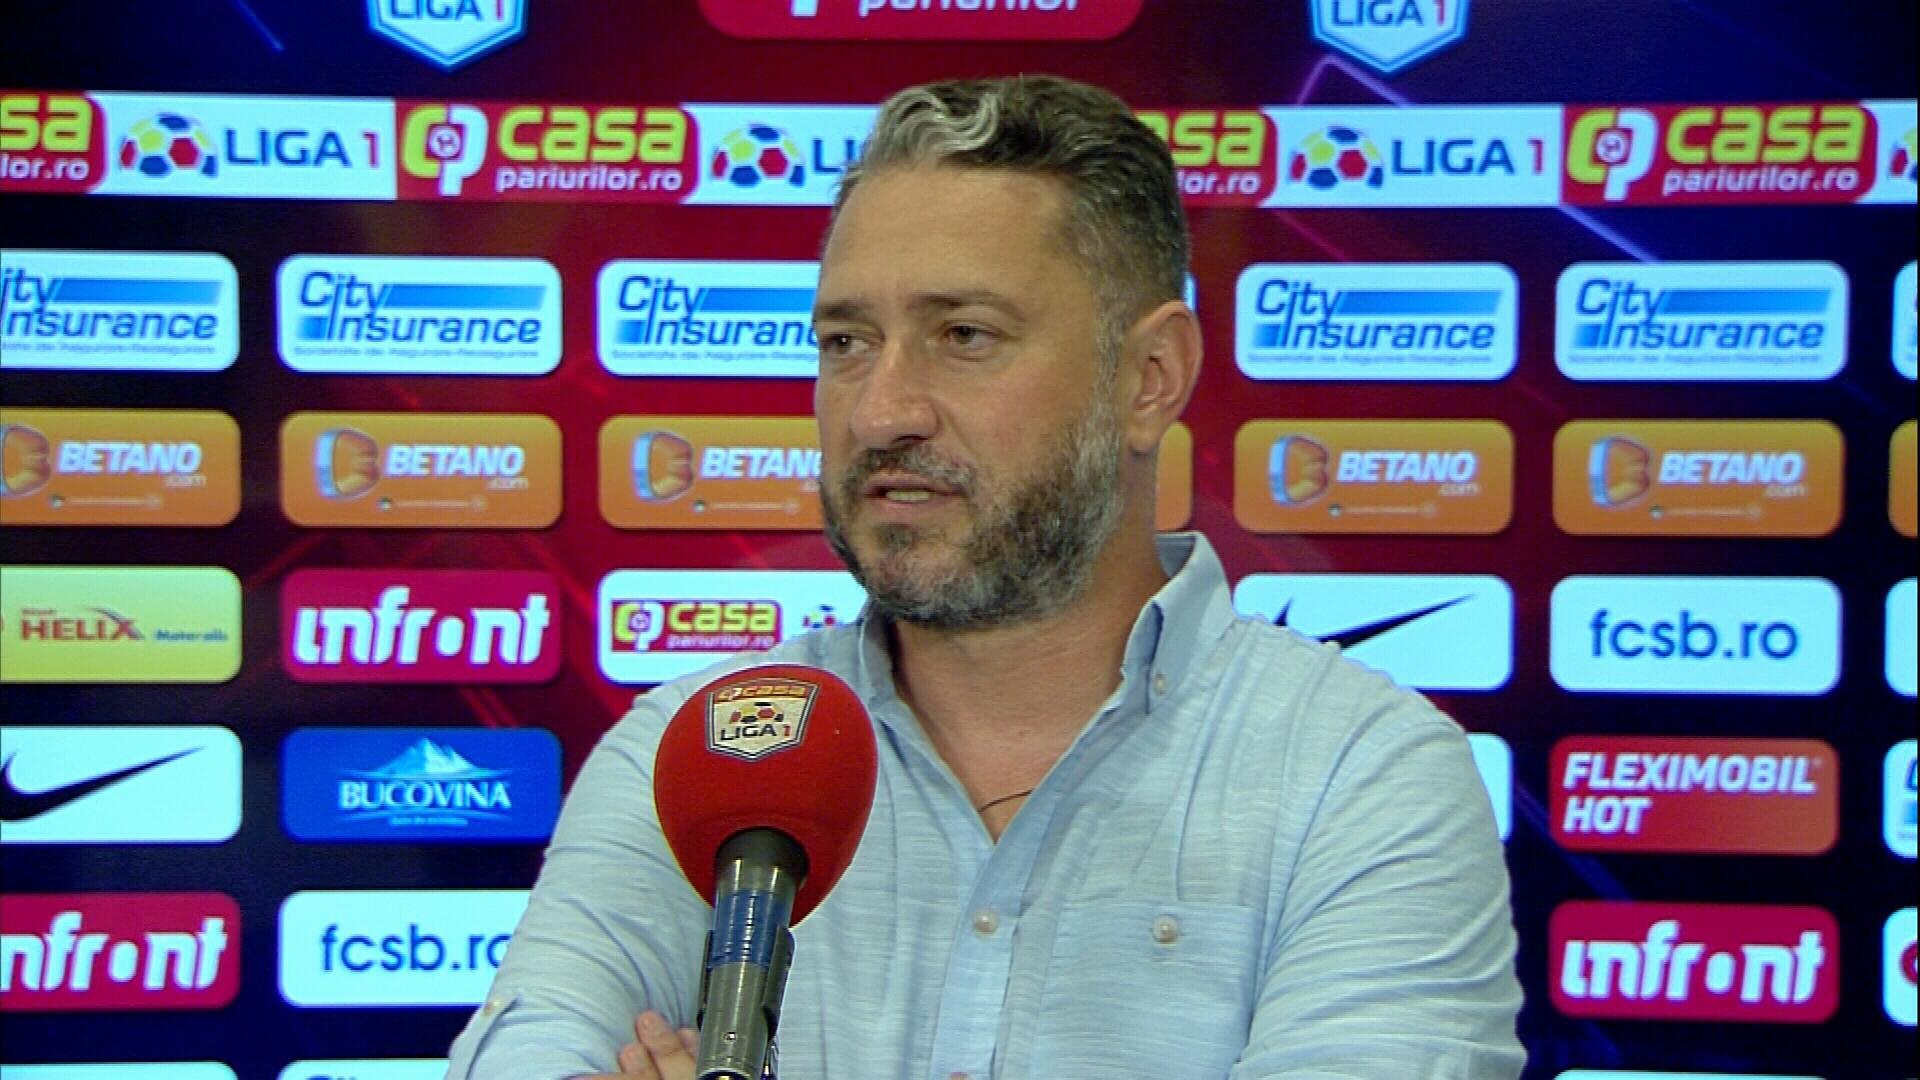 """""""Mental, nu sunt mulțumit cum am arătat!"""" Dragoș Bon, dezamăgit după eșecul cu FCSB"""